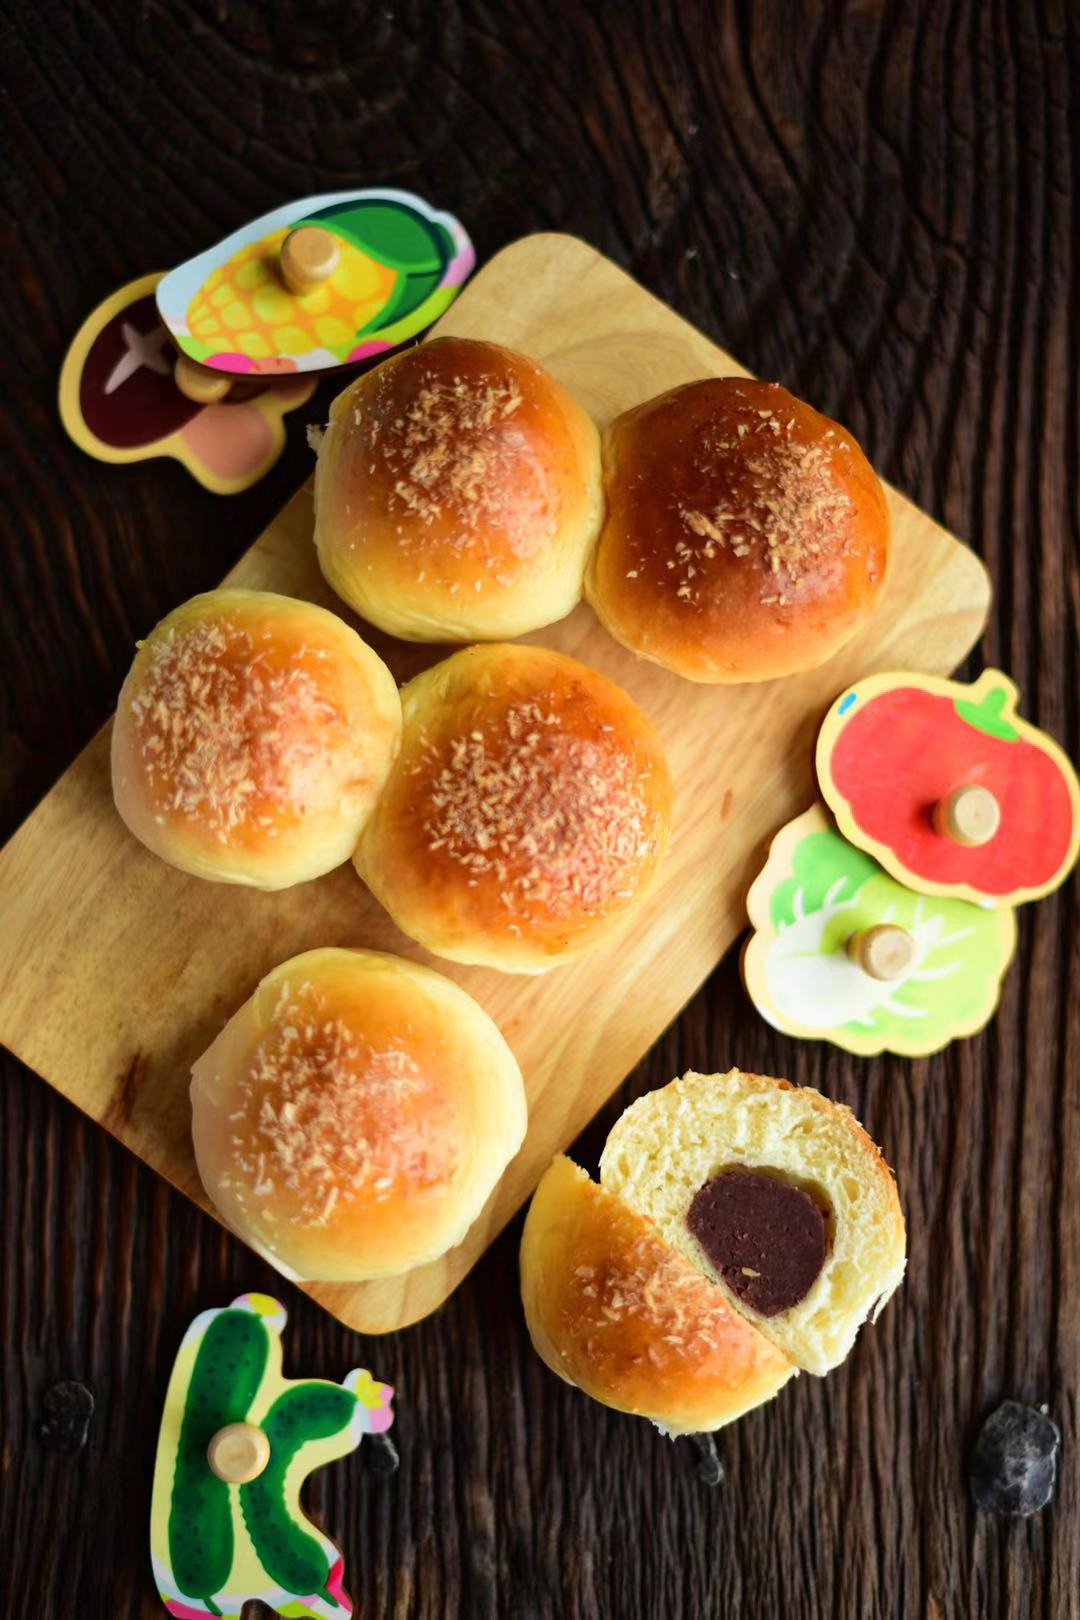 面包能当辅食吃?还比其他辅食更营养?关于面包你不得不知的那些事